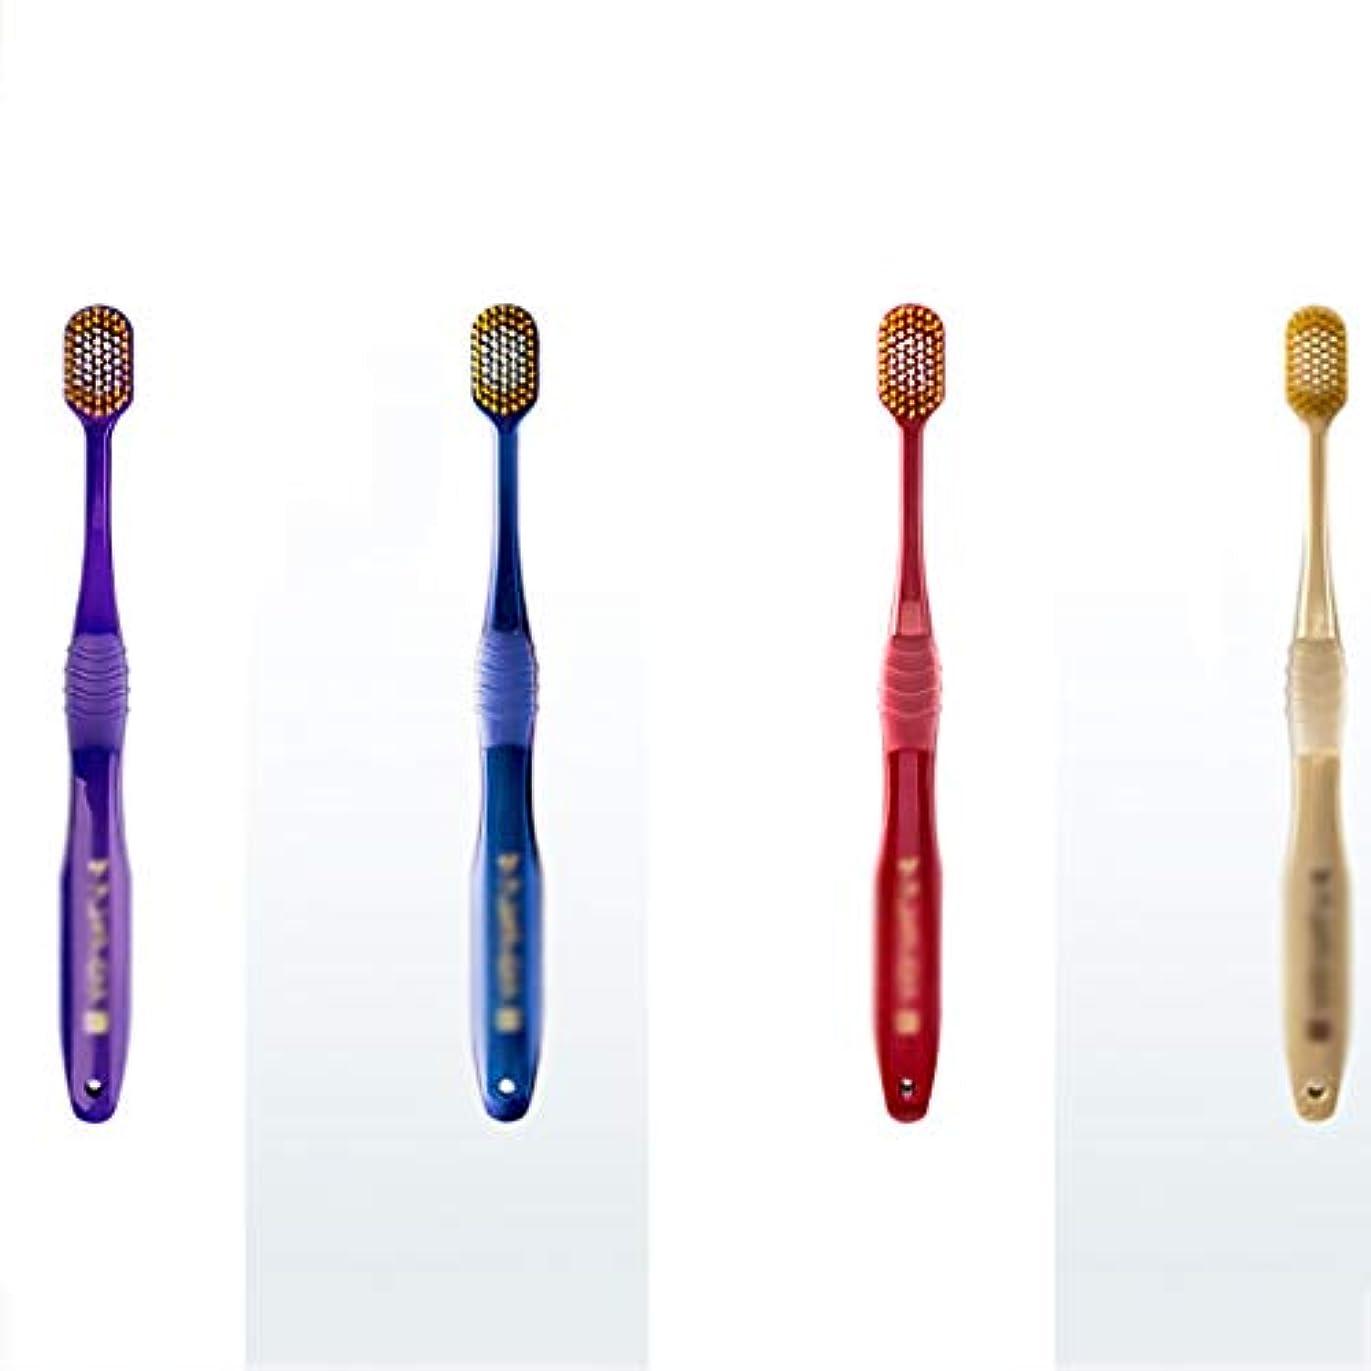 統合時々時々国歌手動歯ブラシ、65ホールの広向かったアダルトソフト毛先歯ブラシ、4パック(ランダム配信)